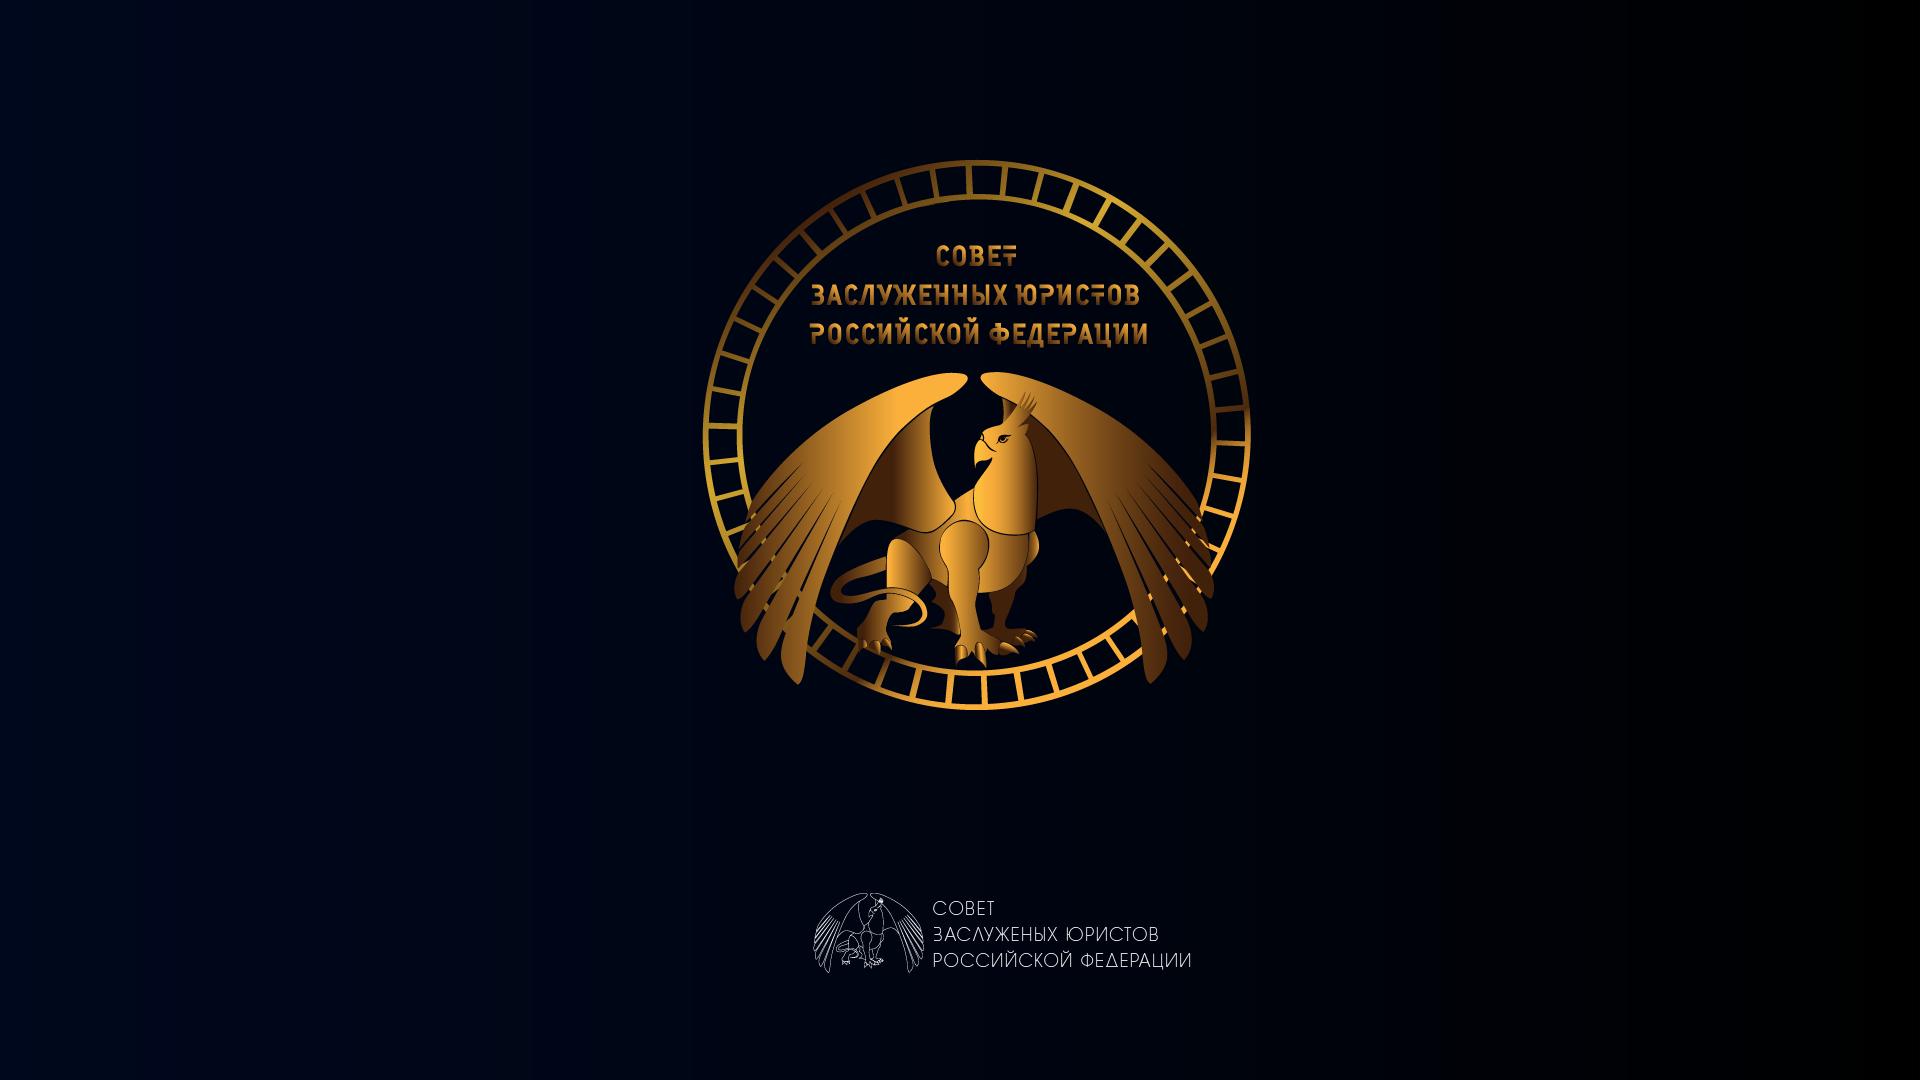 Разработка логотипа Совета (Клуба) заслуженных юристов Российской Федерации фото f_0105e43d19237c52.png